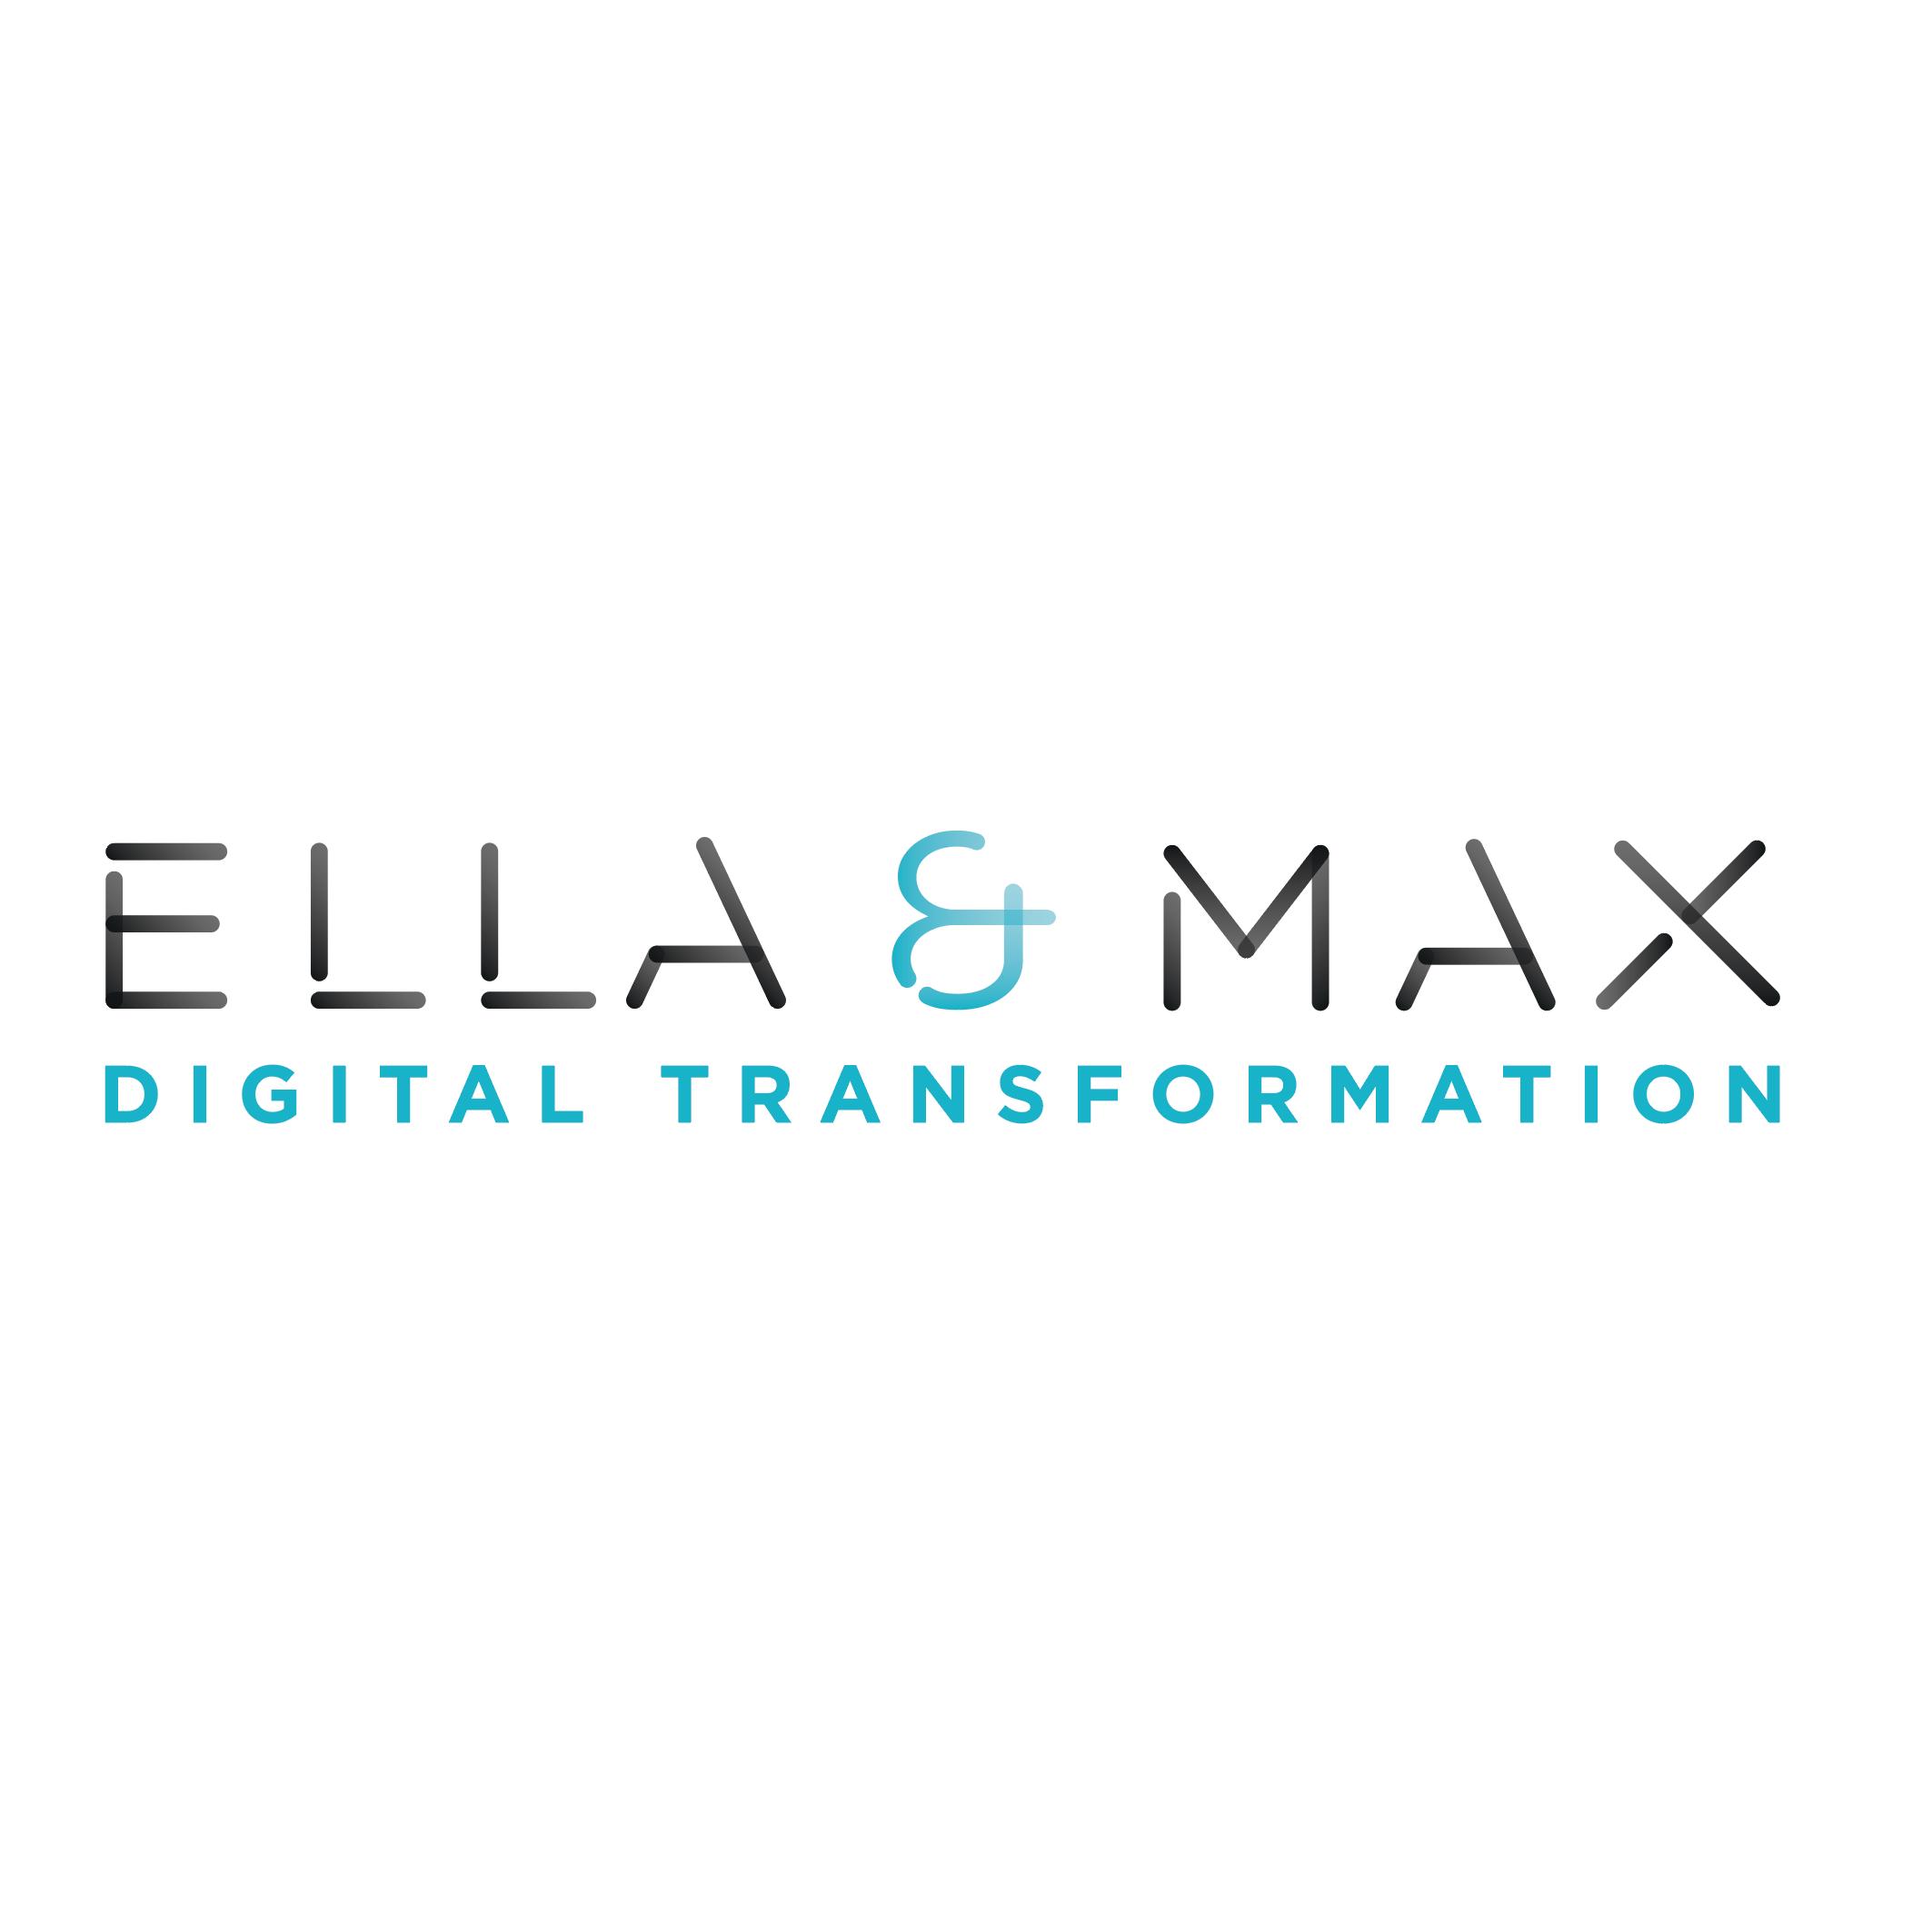 ELLA1MAX_LogoSquare.png